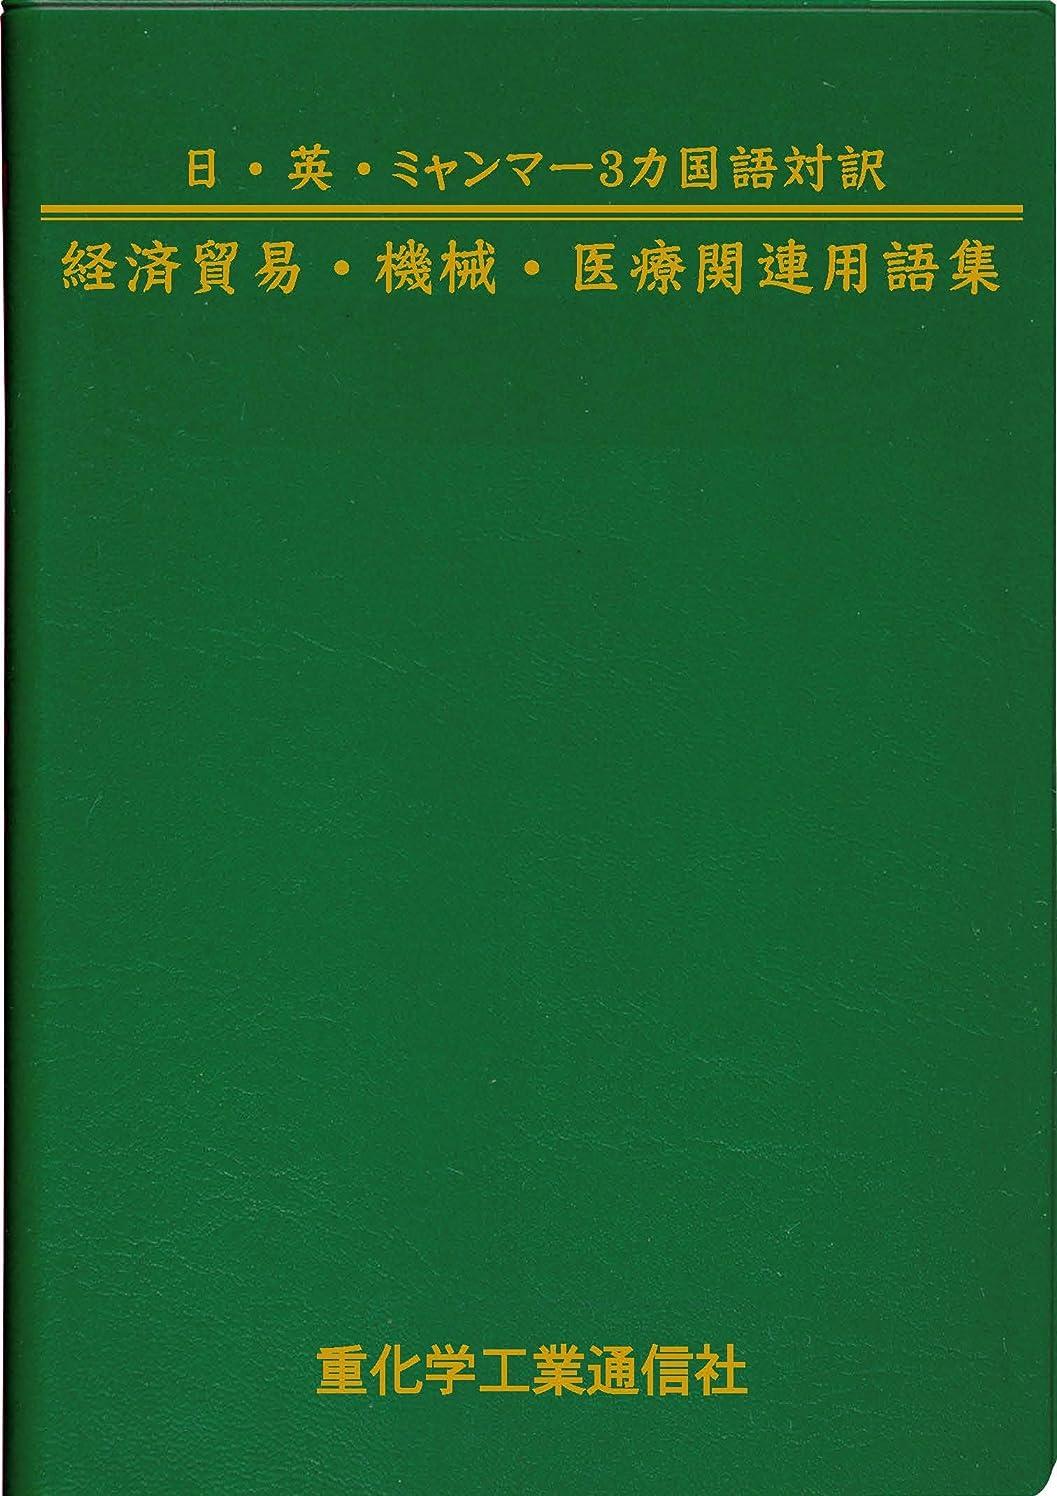 前者シェーバー珍しい観光白書 コンパクト版〈平成28年版〉